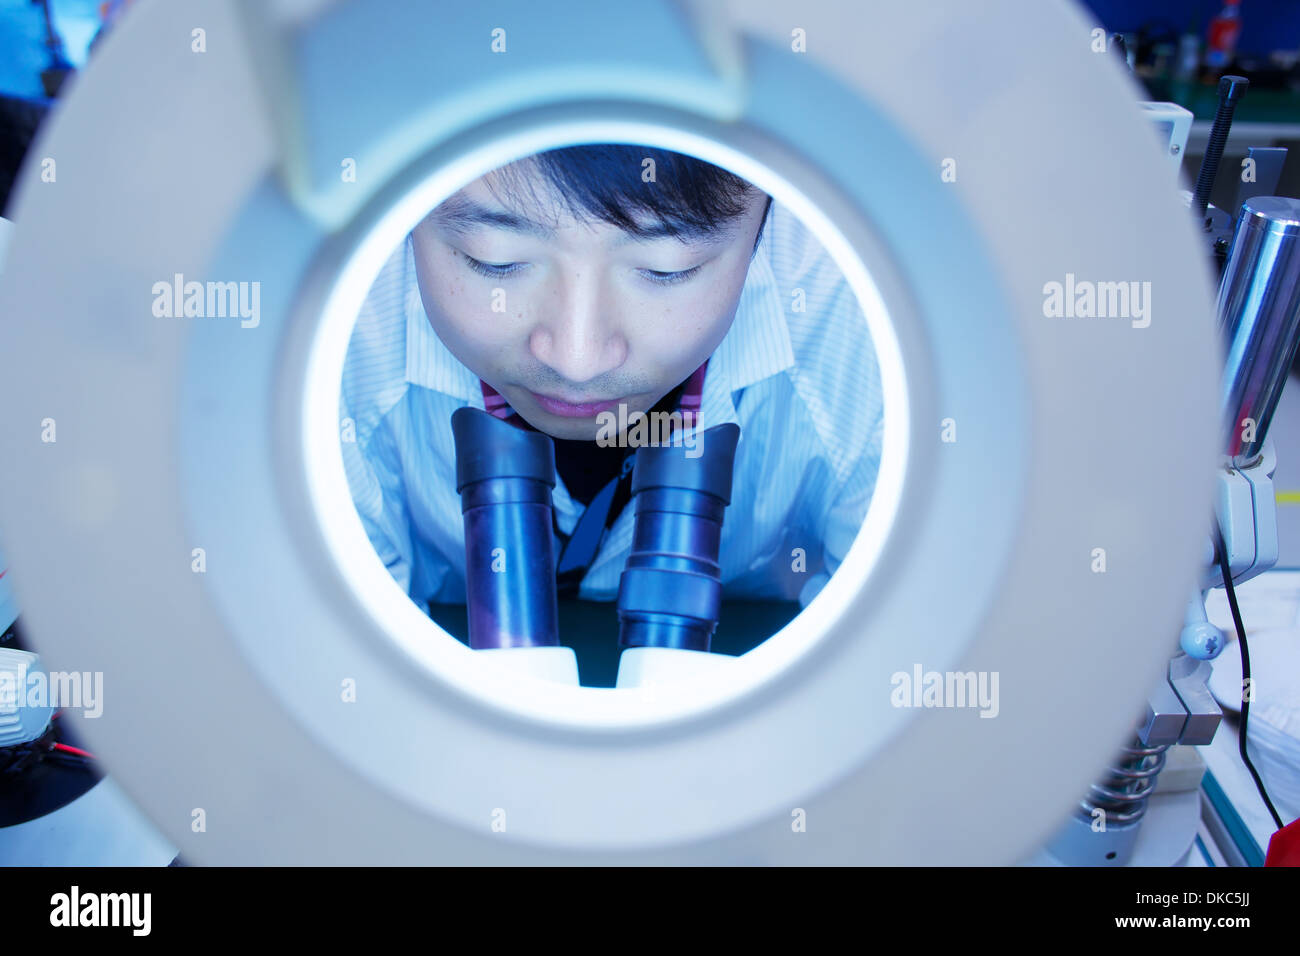 Lavoratore in piccole parti di stabilimento di produzione in Cina guardando attraverso il microscopio Immagini Stock